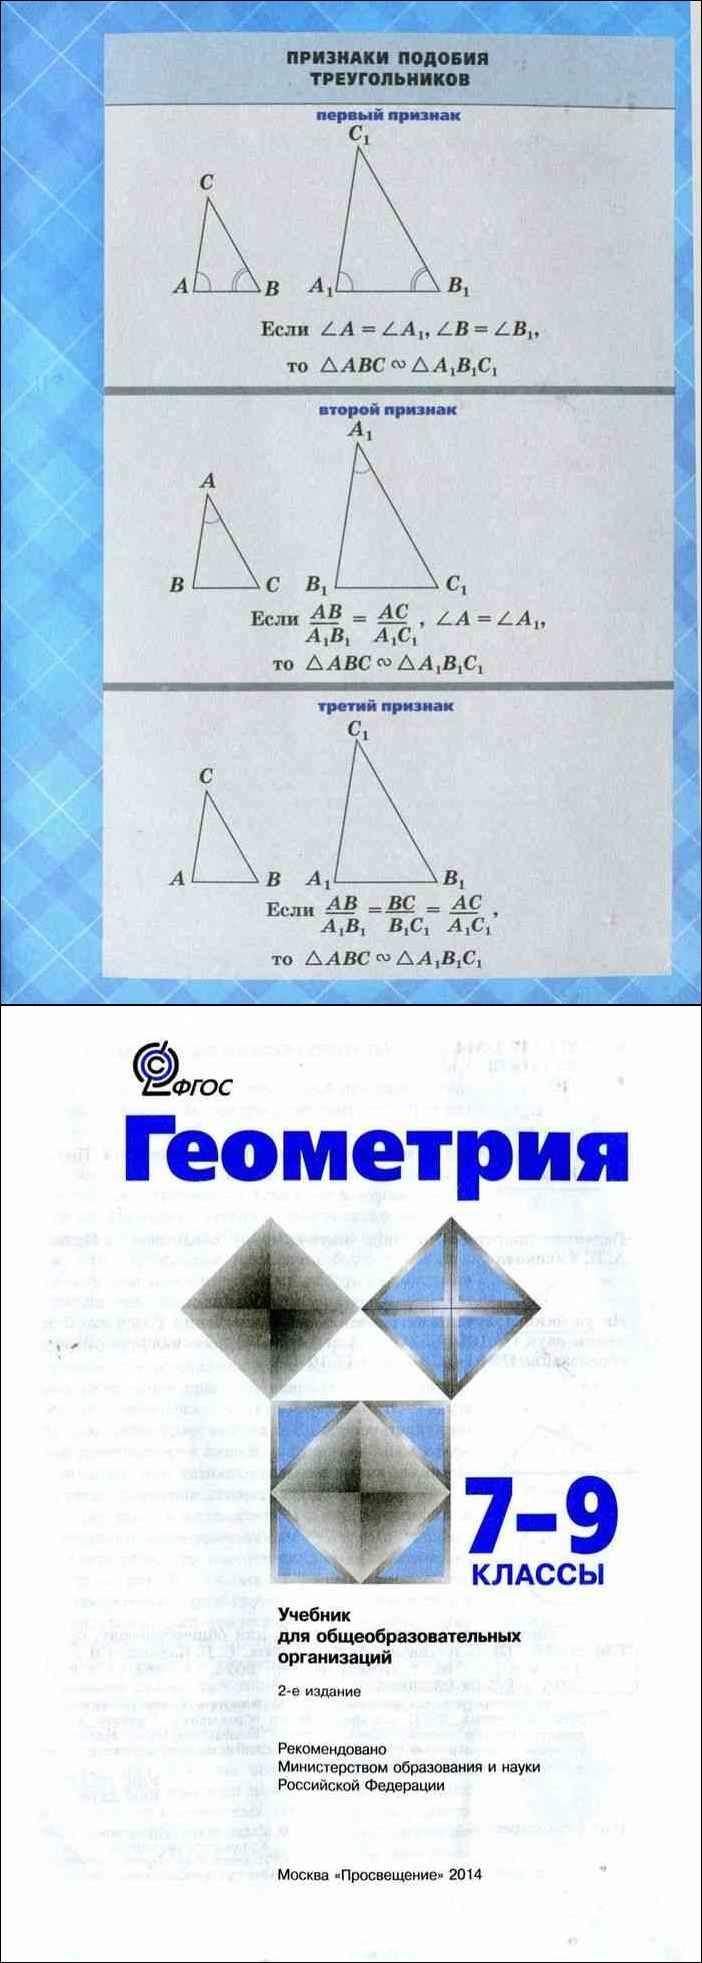 Геометрия 7-9 класс атанасян л. С. Скачать бесплатно pdf.